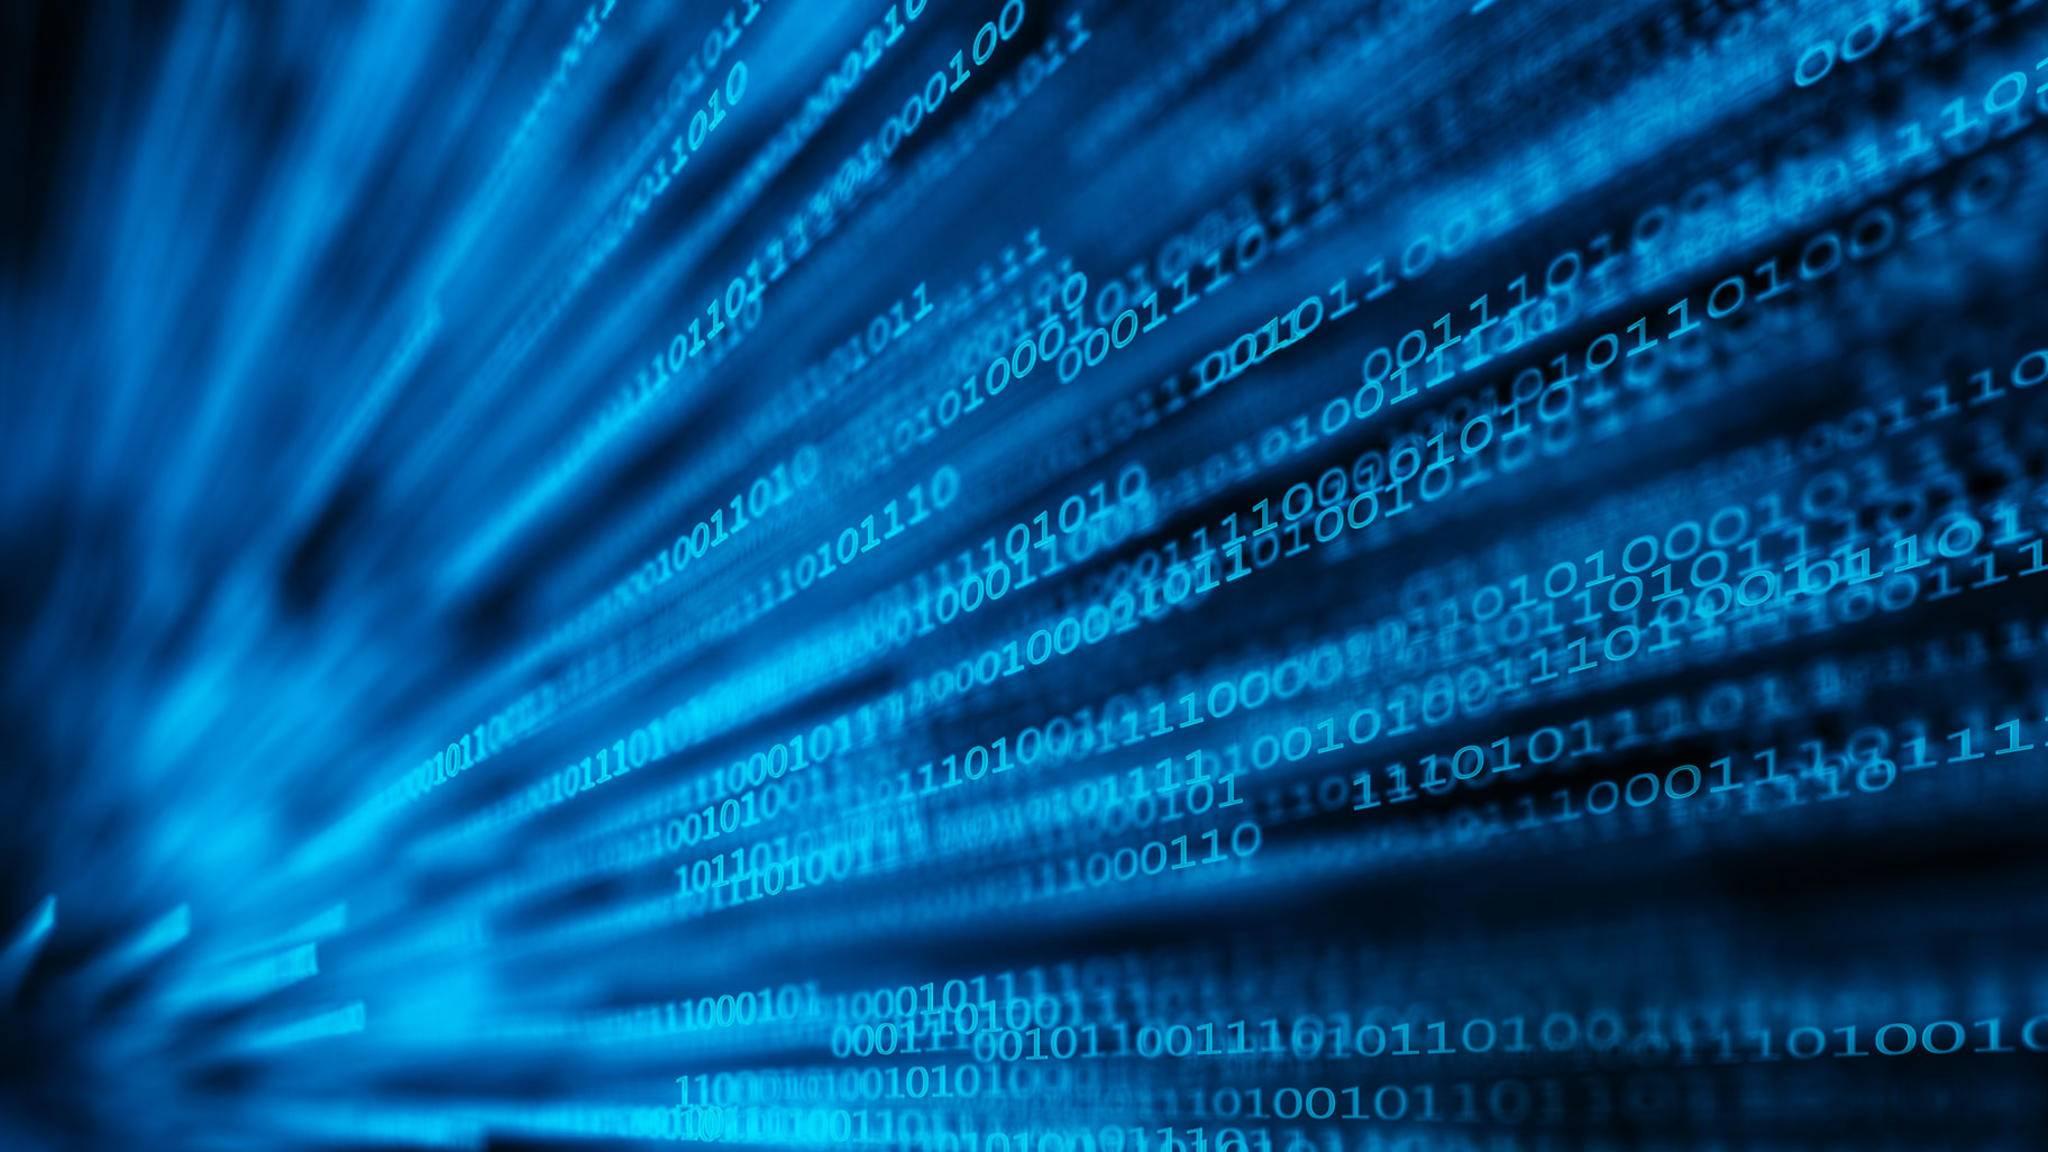 Big Data ist eins der beliebtesten Schlagworte in den Medien, aber was steckt eigentlich hinter diesem Begriff?